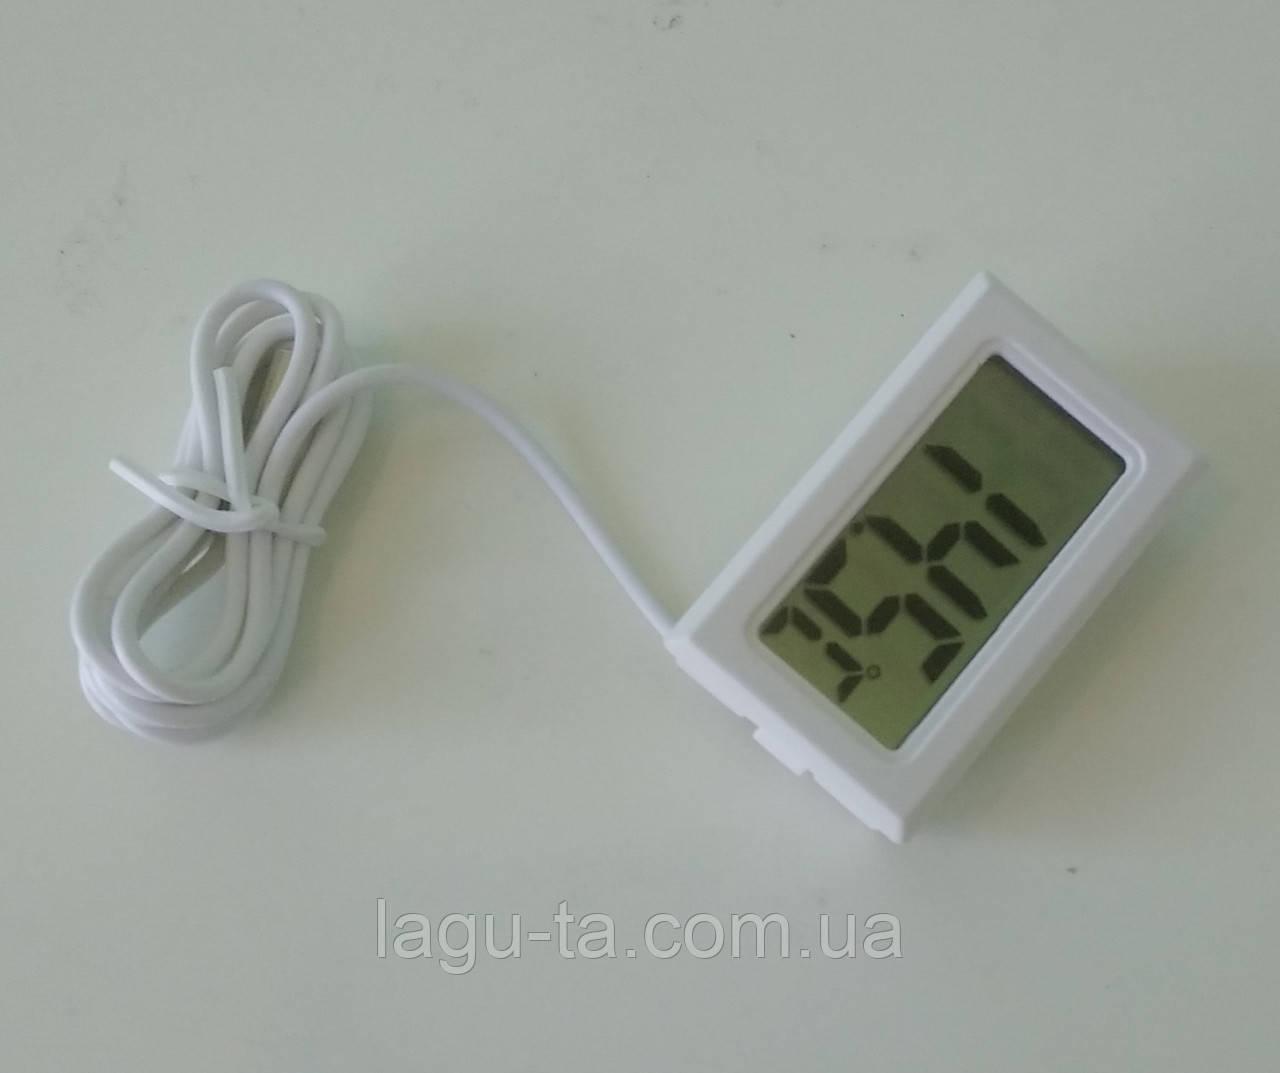 Термометр с выносным датчиком 1 метр, встраиваемый, белый.